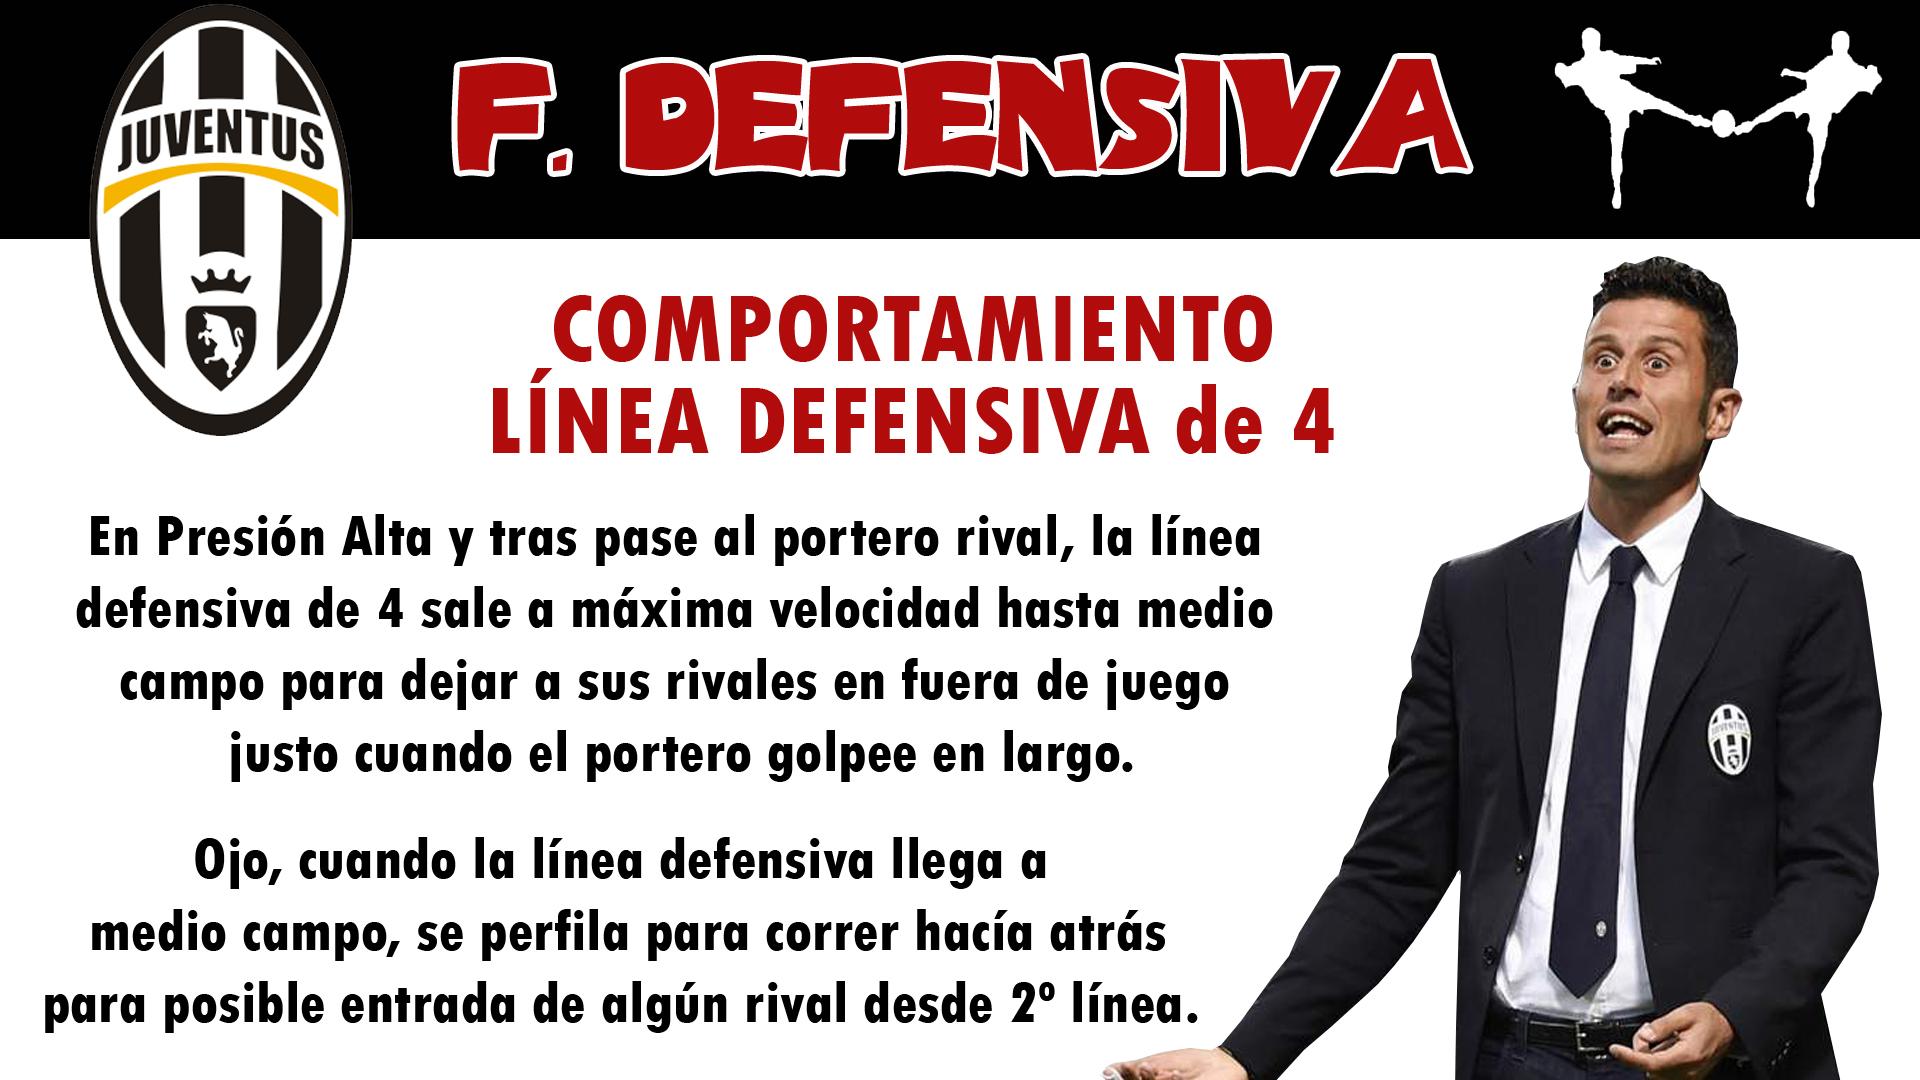 futbolcarrasco juventus fabio grosso comportamiento linea defensiva analisis tactico